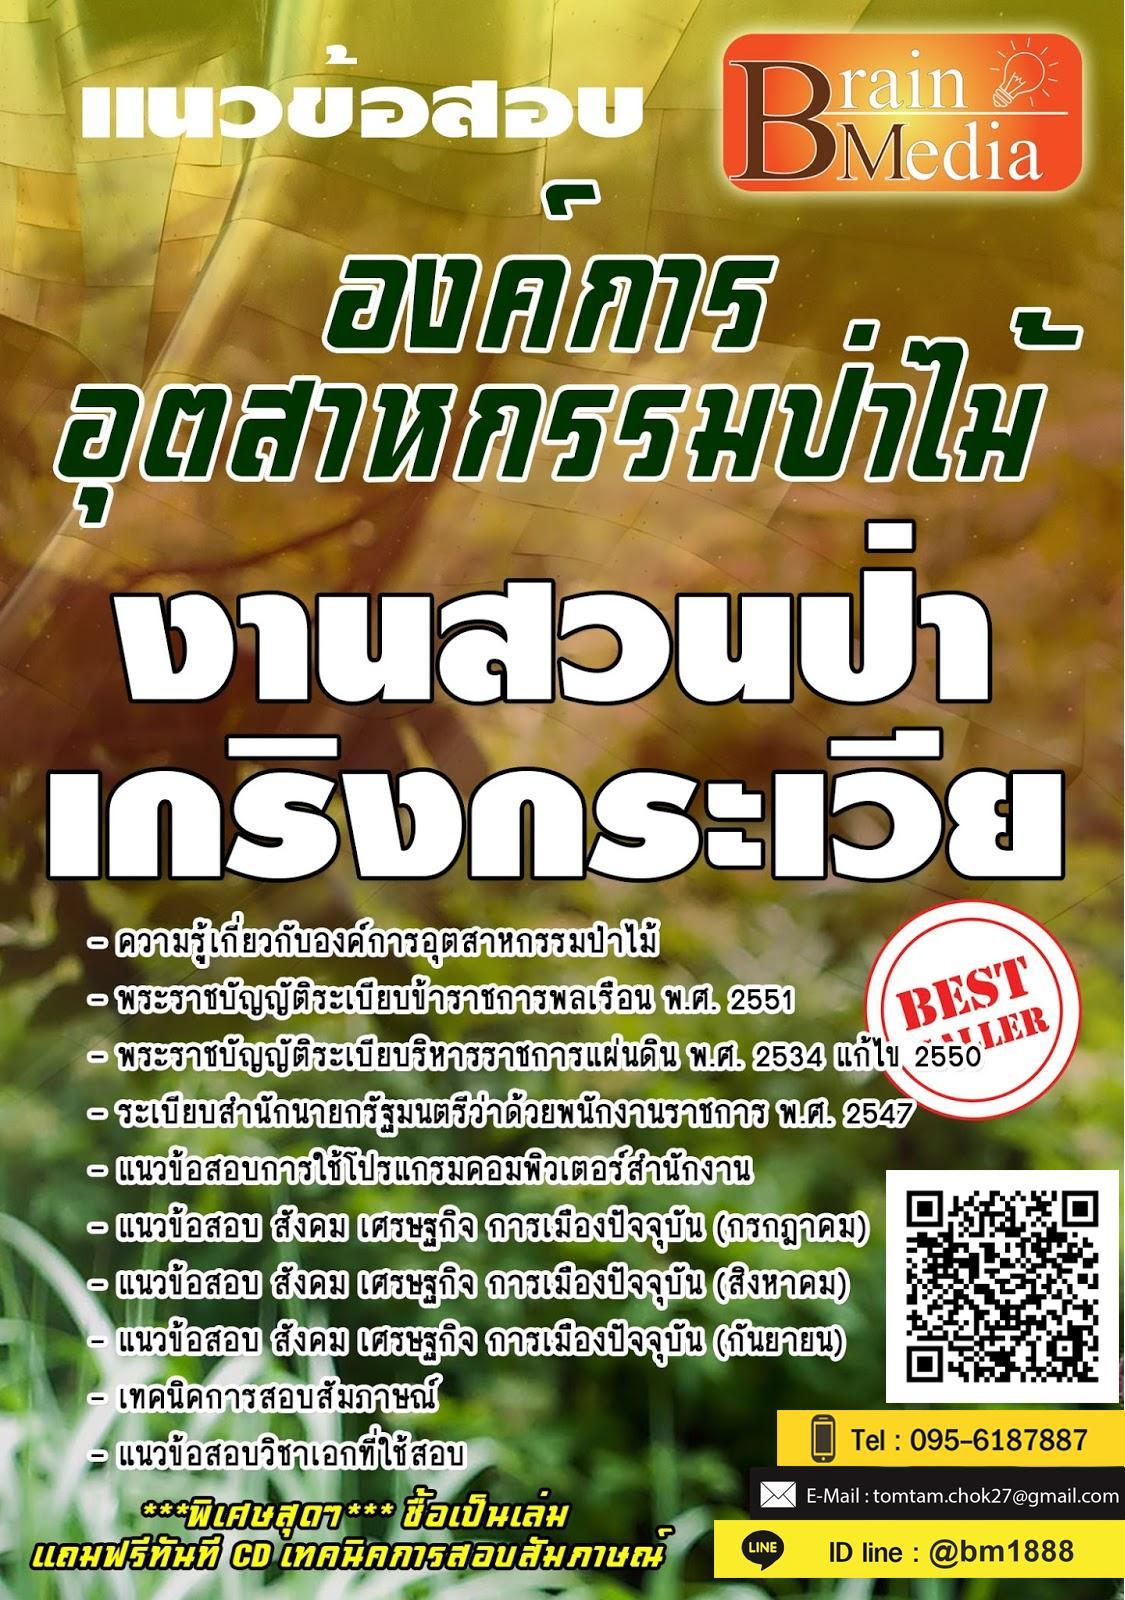 สรุปแนวข้อสอบ งานสวนป่าเกริงกระเวีย องค์การอุตสาหกรรมป่าไม้